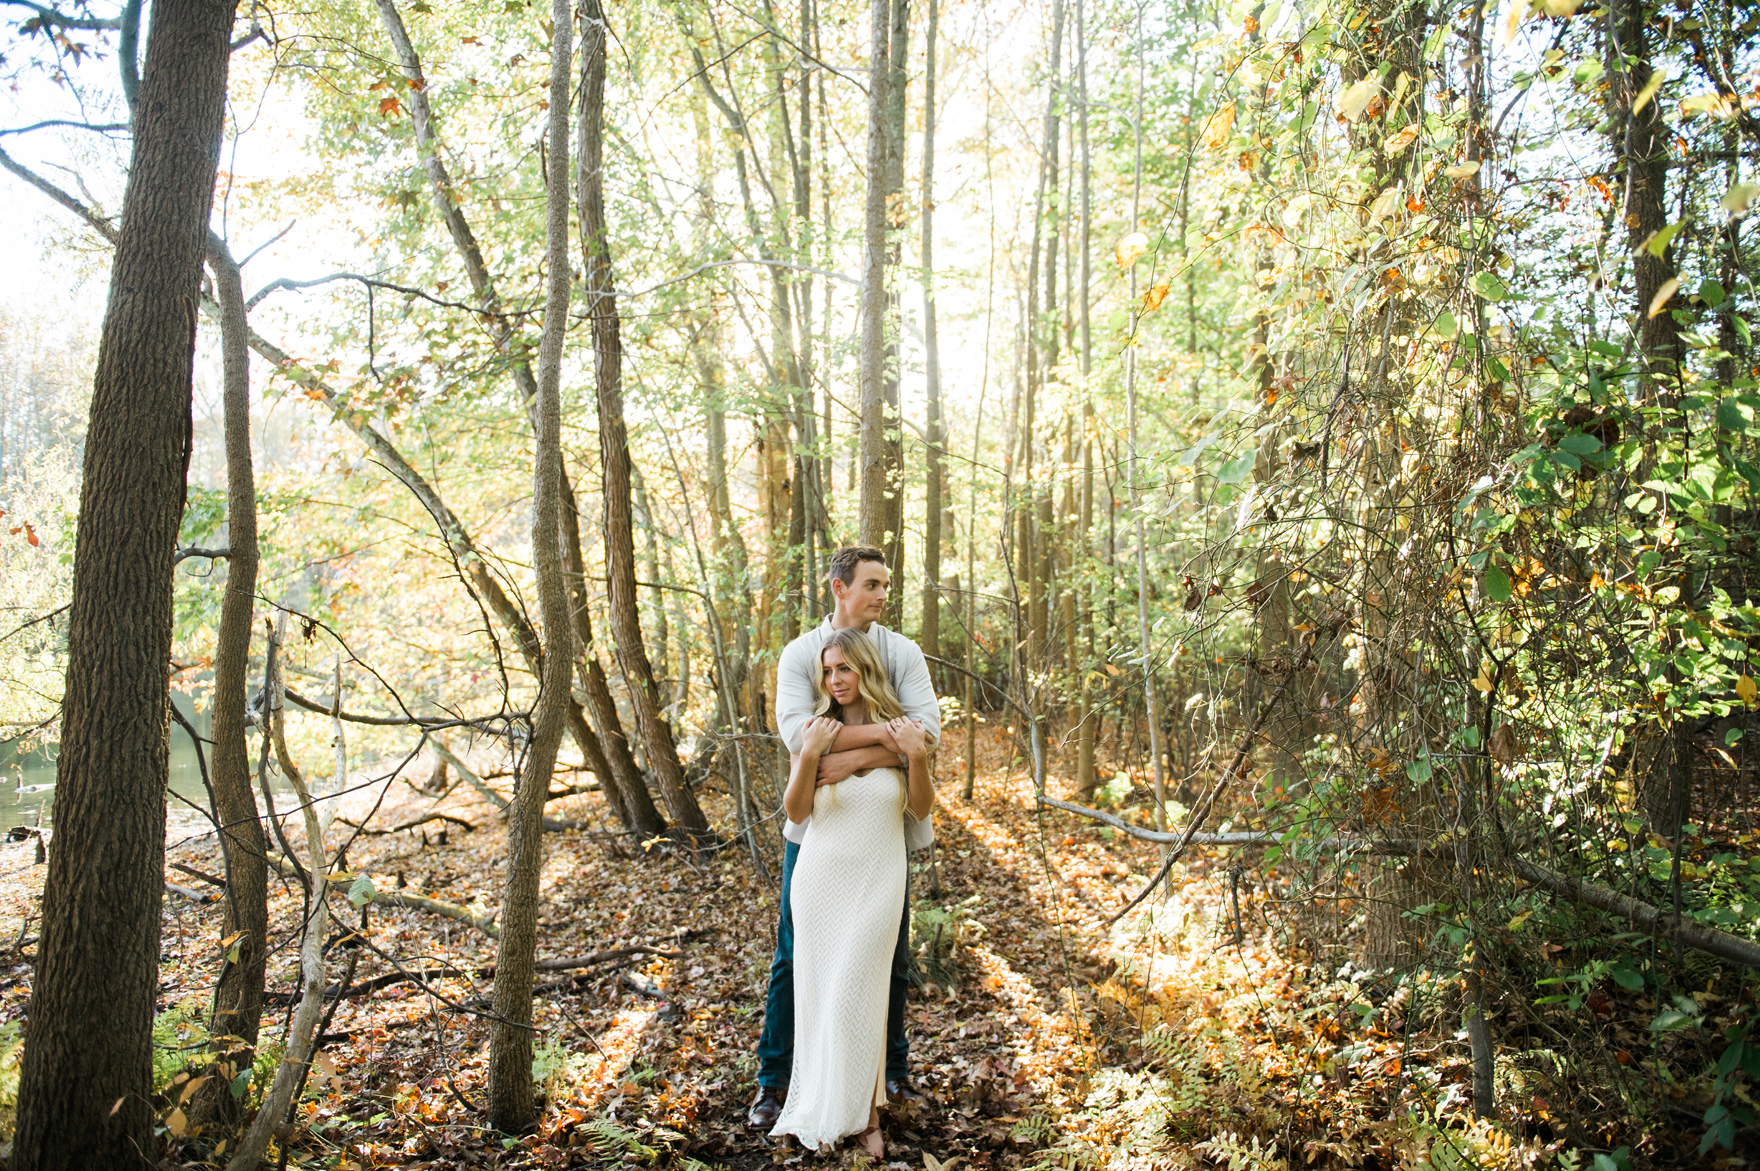 California-Destination-wedding-photographer-Christina-Lilly-003